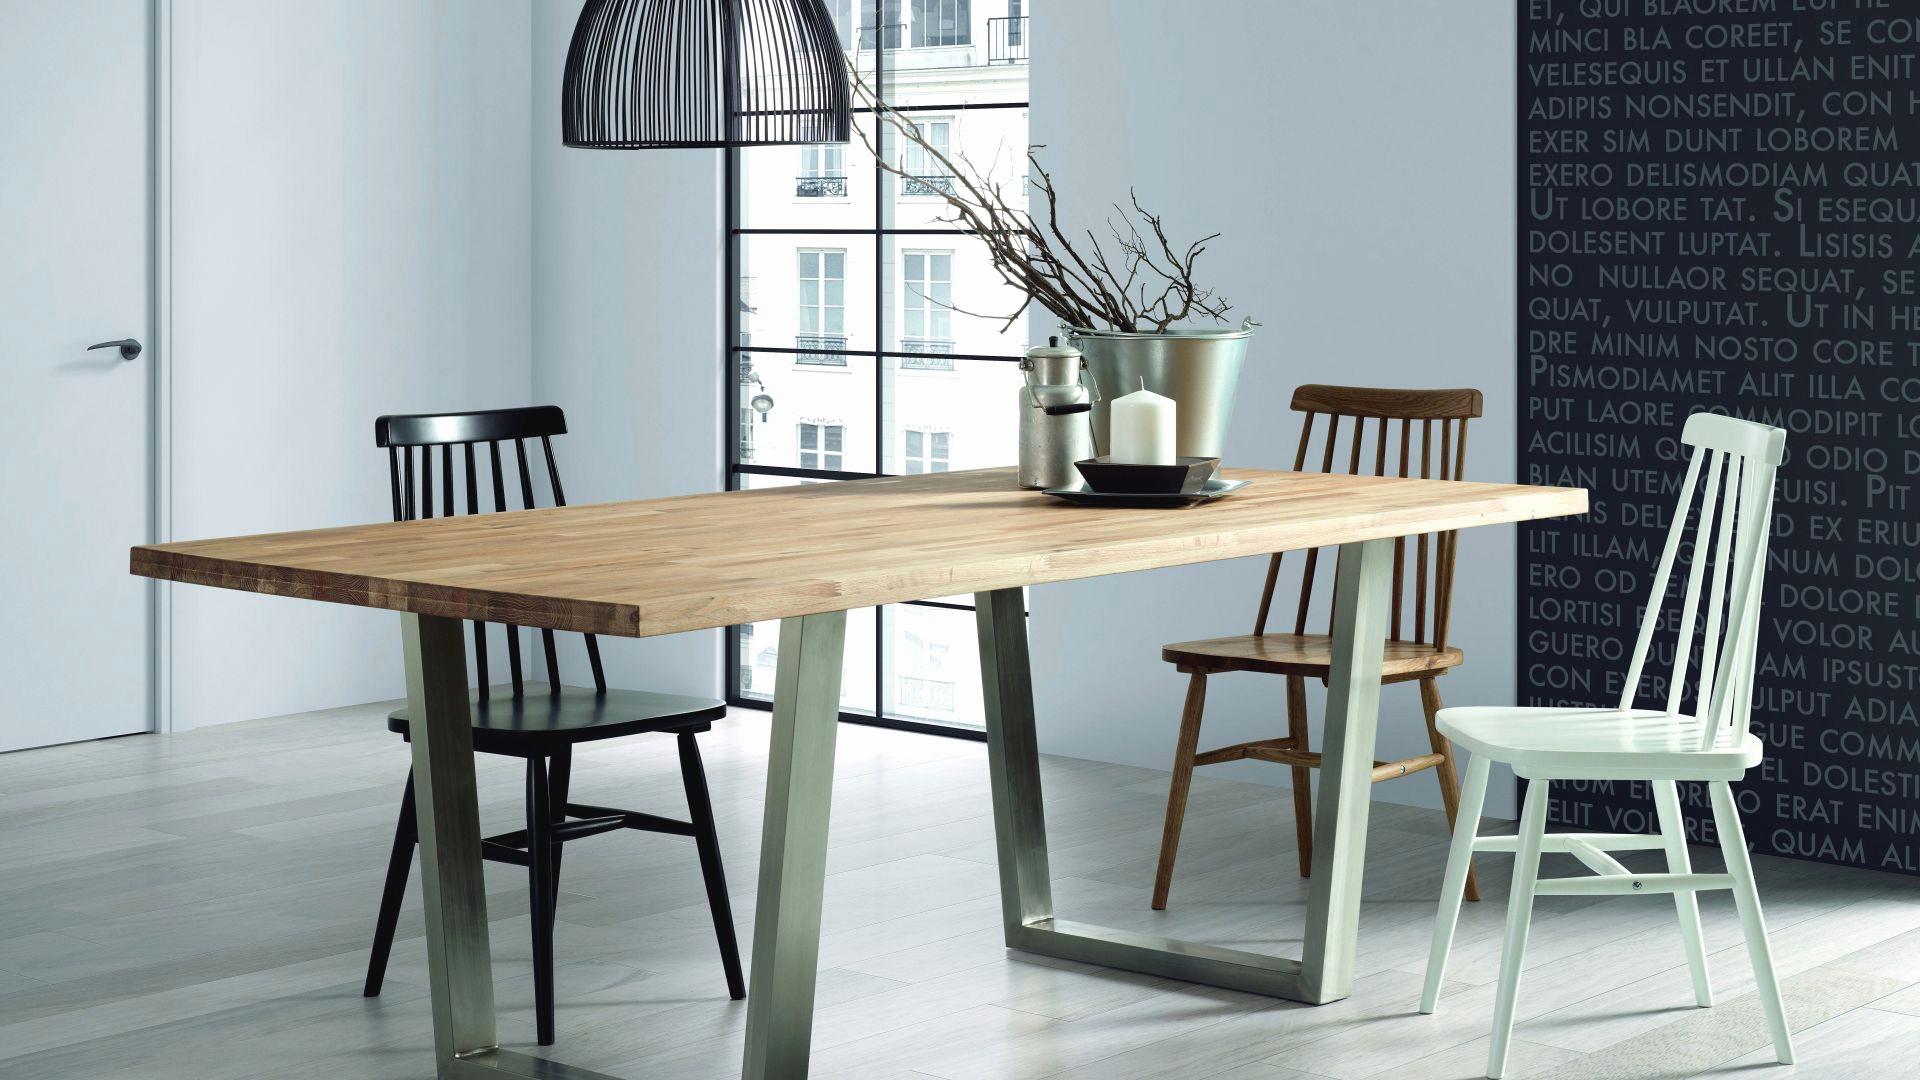 faire son salon de jardin charmant fabriquer un salon de jardin en bois inspire luxe fabriquer de faire son salon de jardin